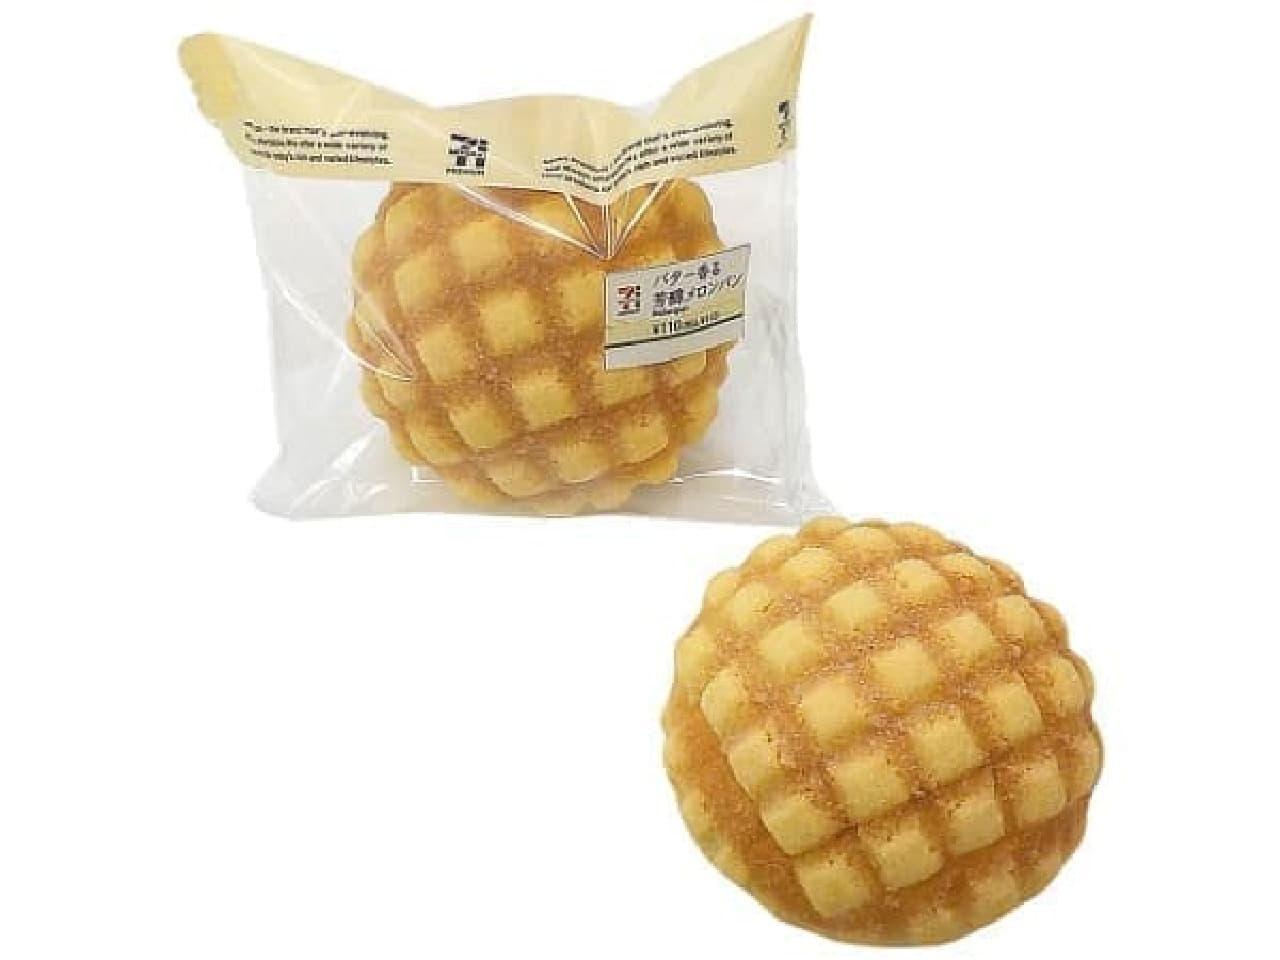 セブン-イレブン「バター香る 芳醇メロンパン」